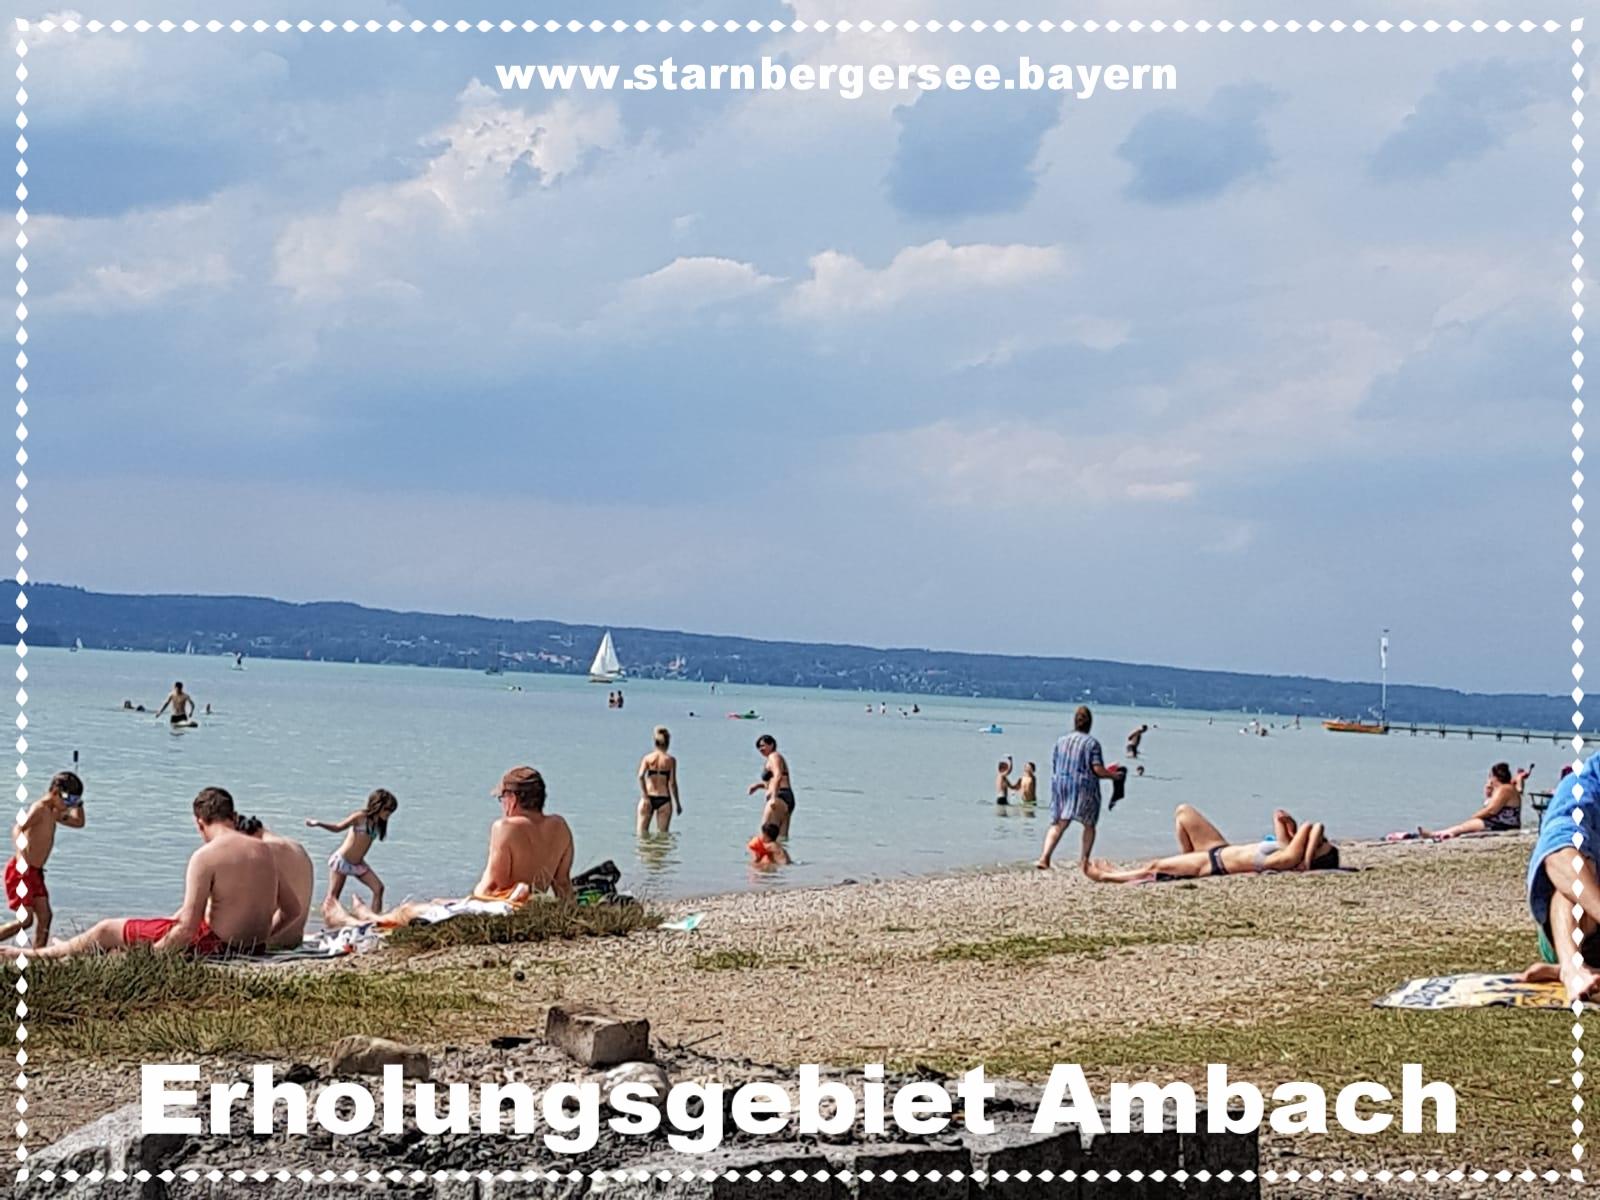 Erholungsgebiet Umbach am Starnberger See